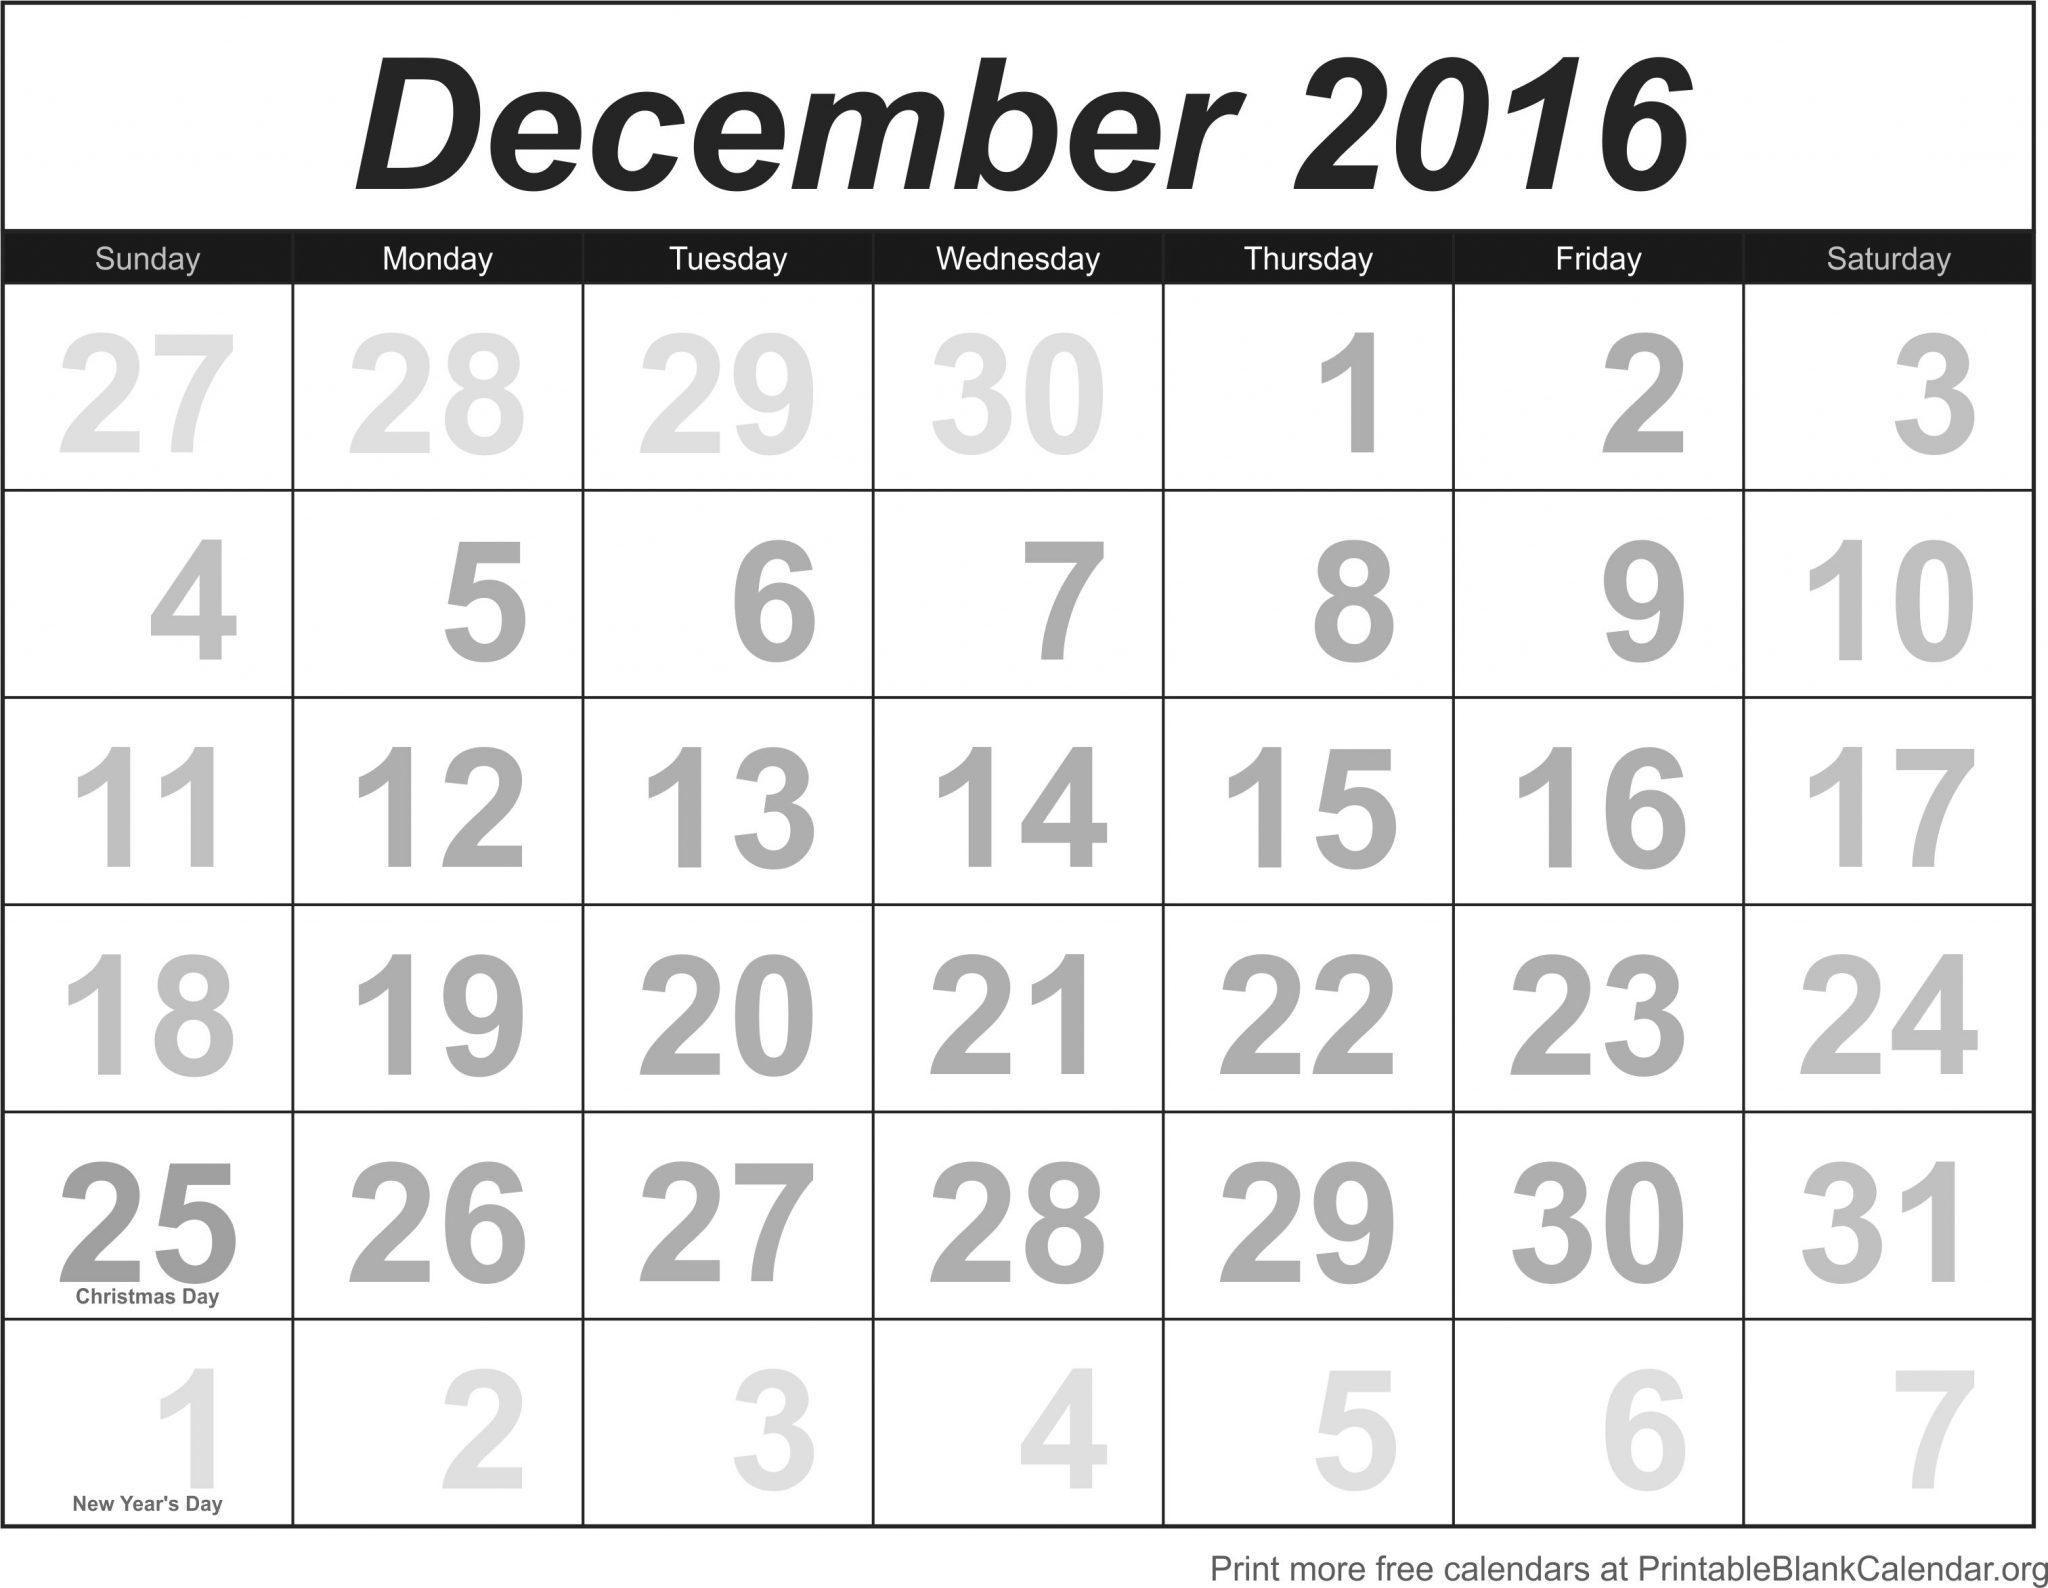 Blank December 2016 Calendar